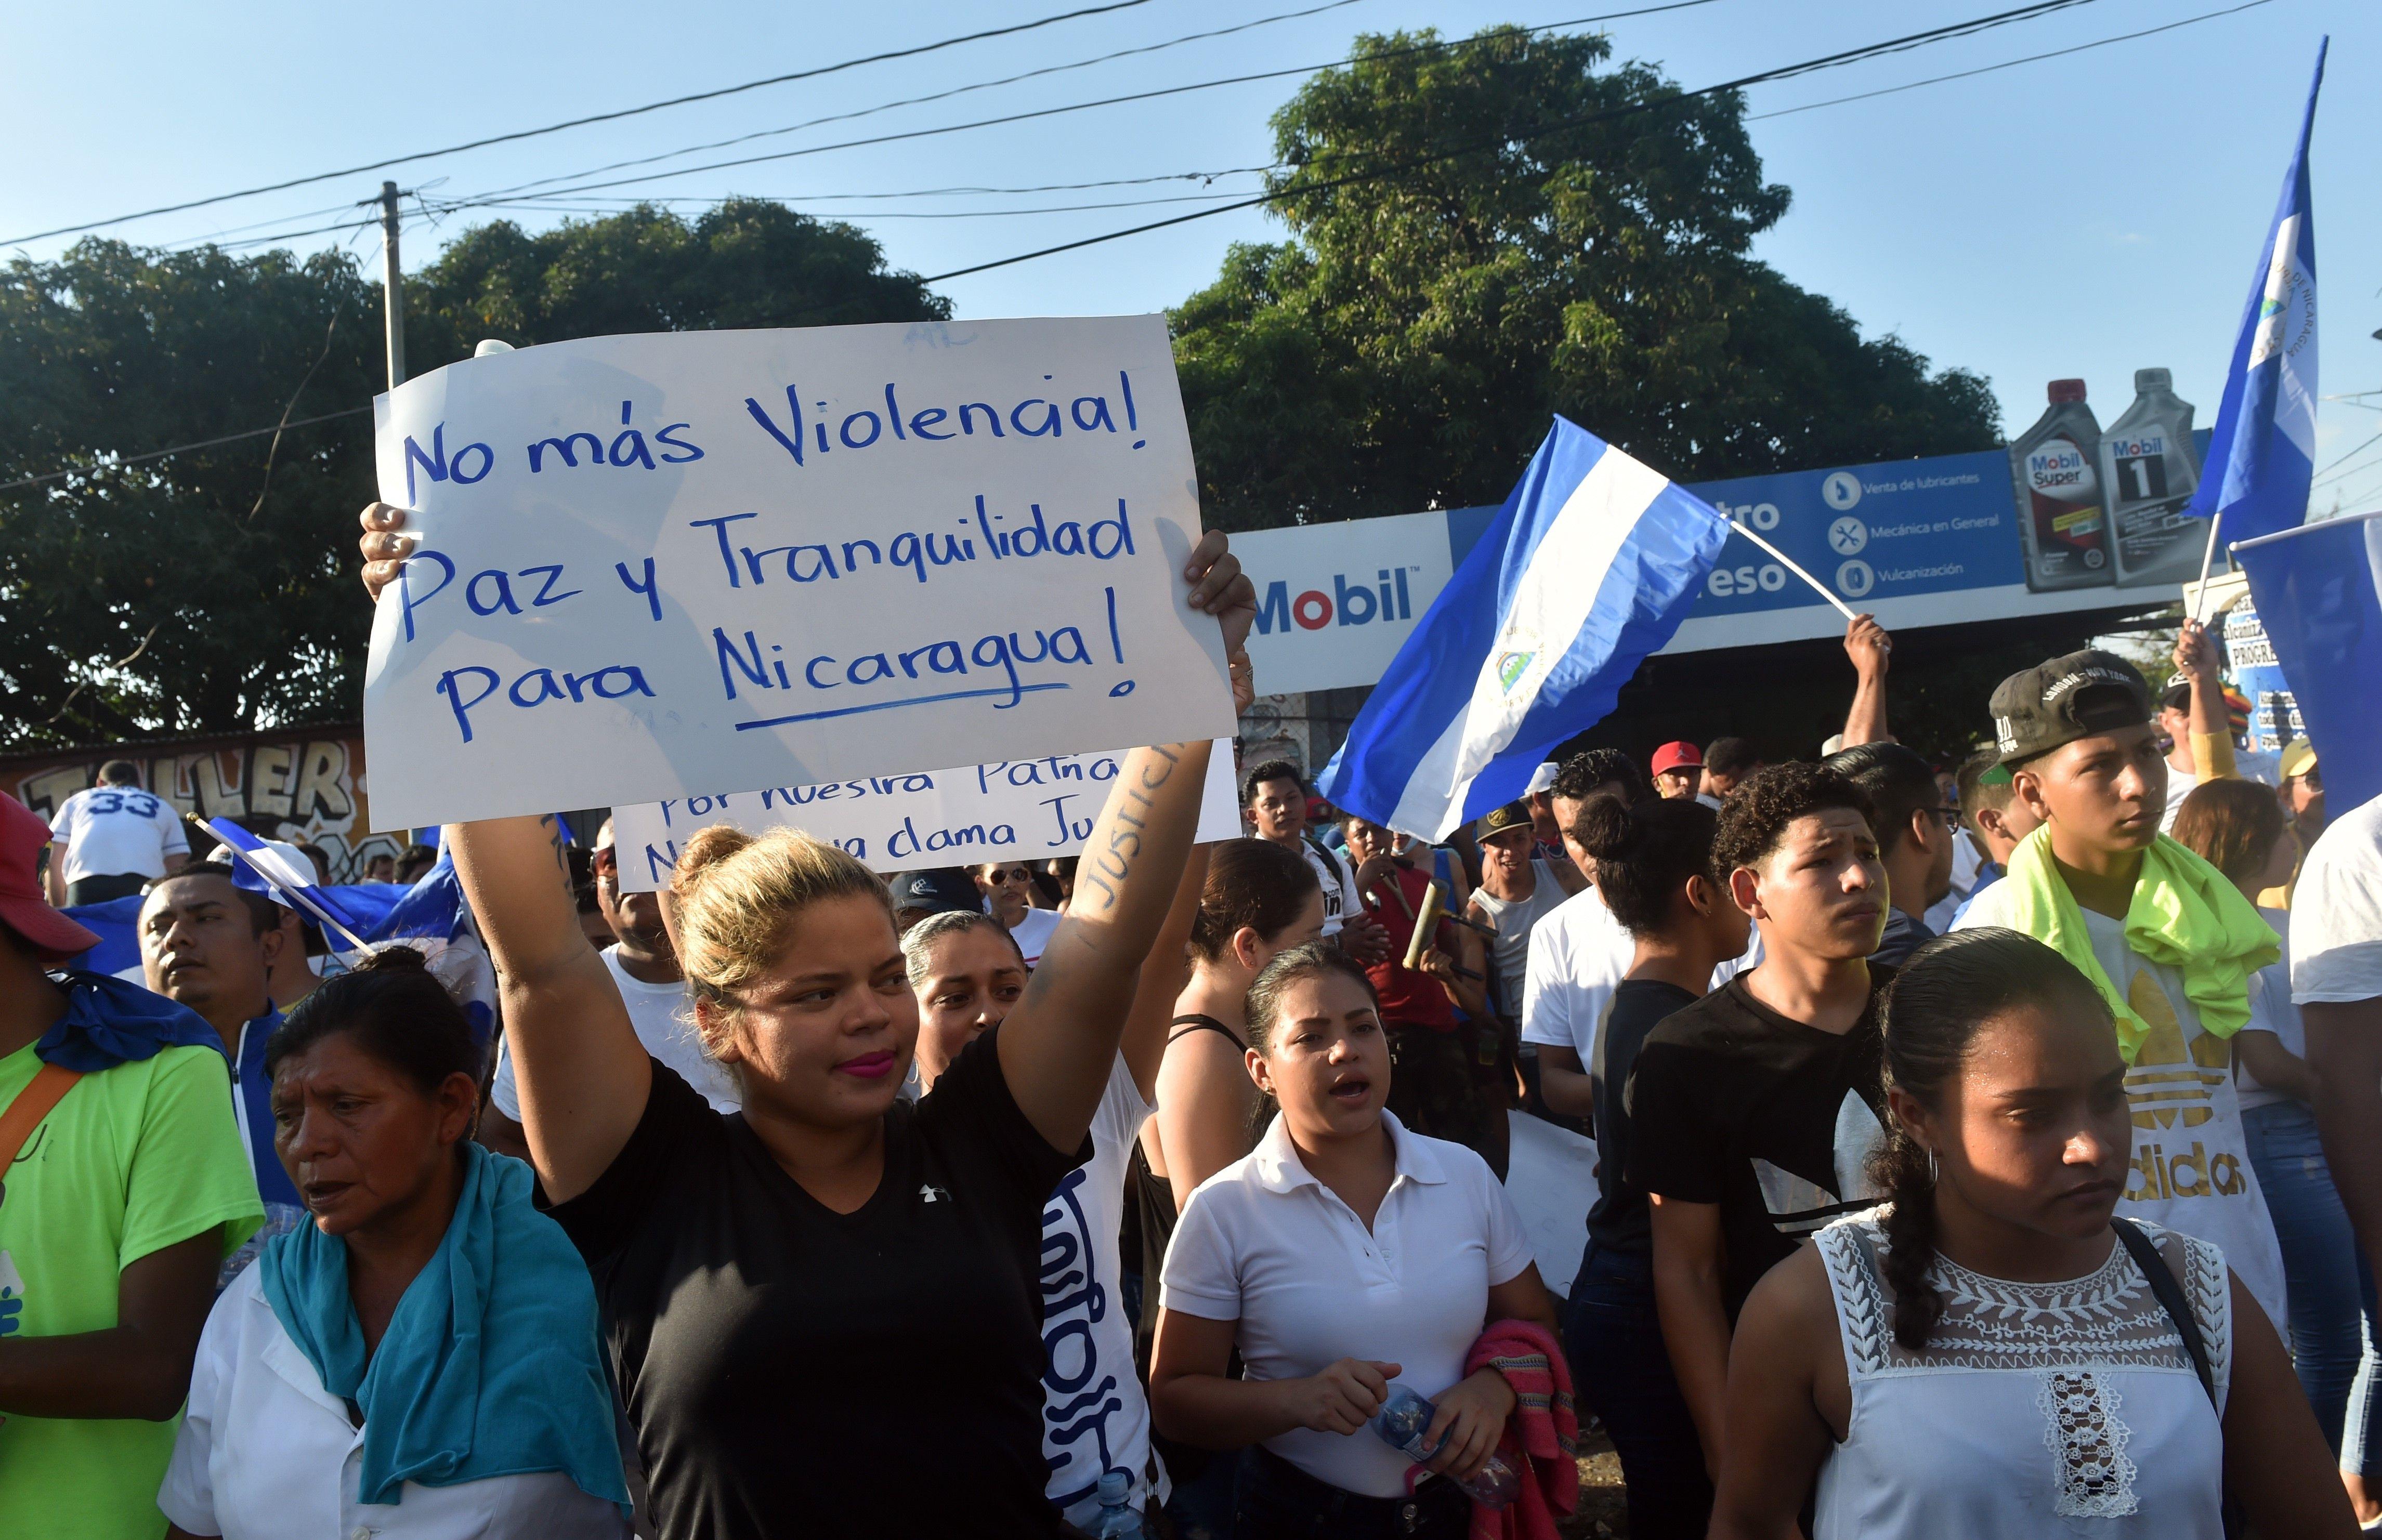 مسيرات فى نيكارجوا تطالب بتنحى الرئيس